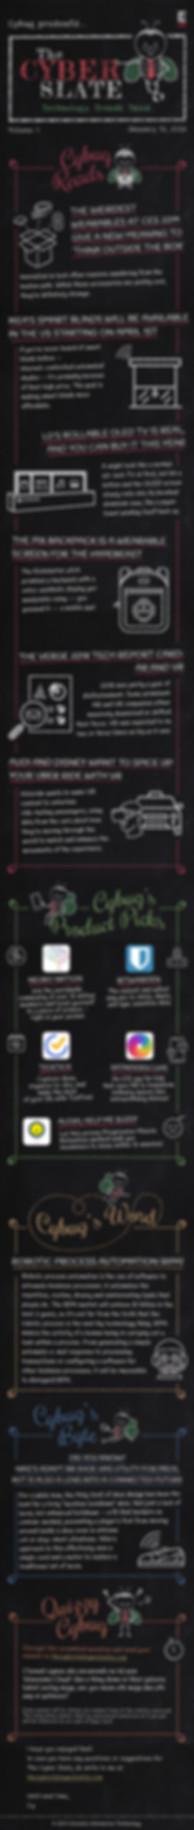 The-Cyber-Slate-Vol-5.jpg